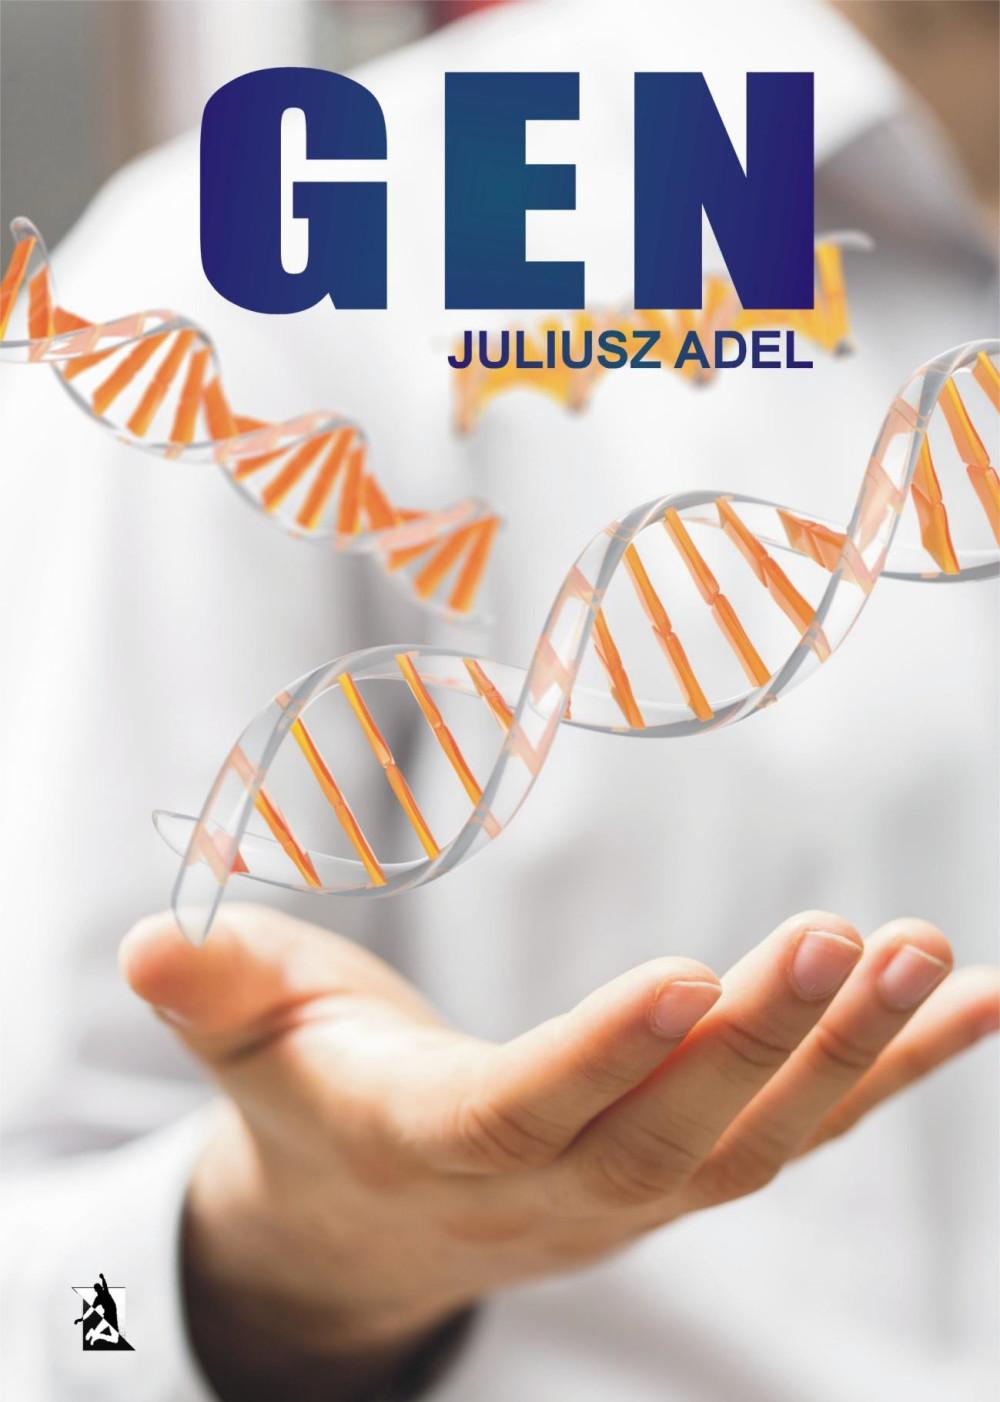 GEN.Adel,Juliusz,tchriller,kryminal,sensacja,POLITYKA,,kryminał,żywność,GMO,modyfikacja